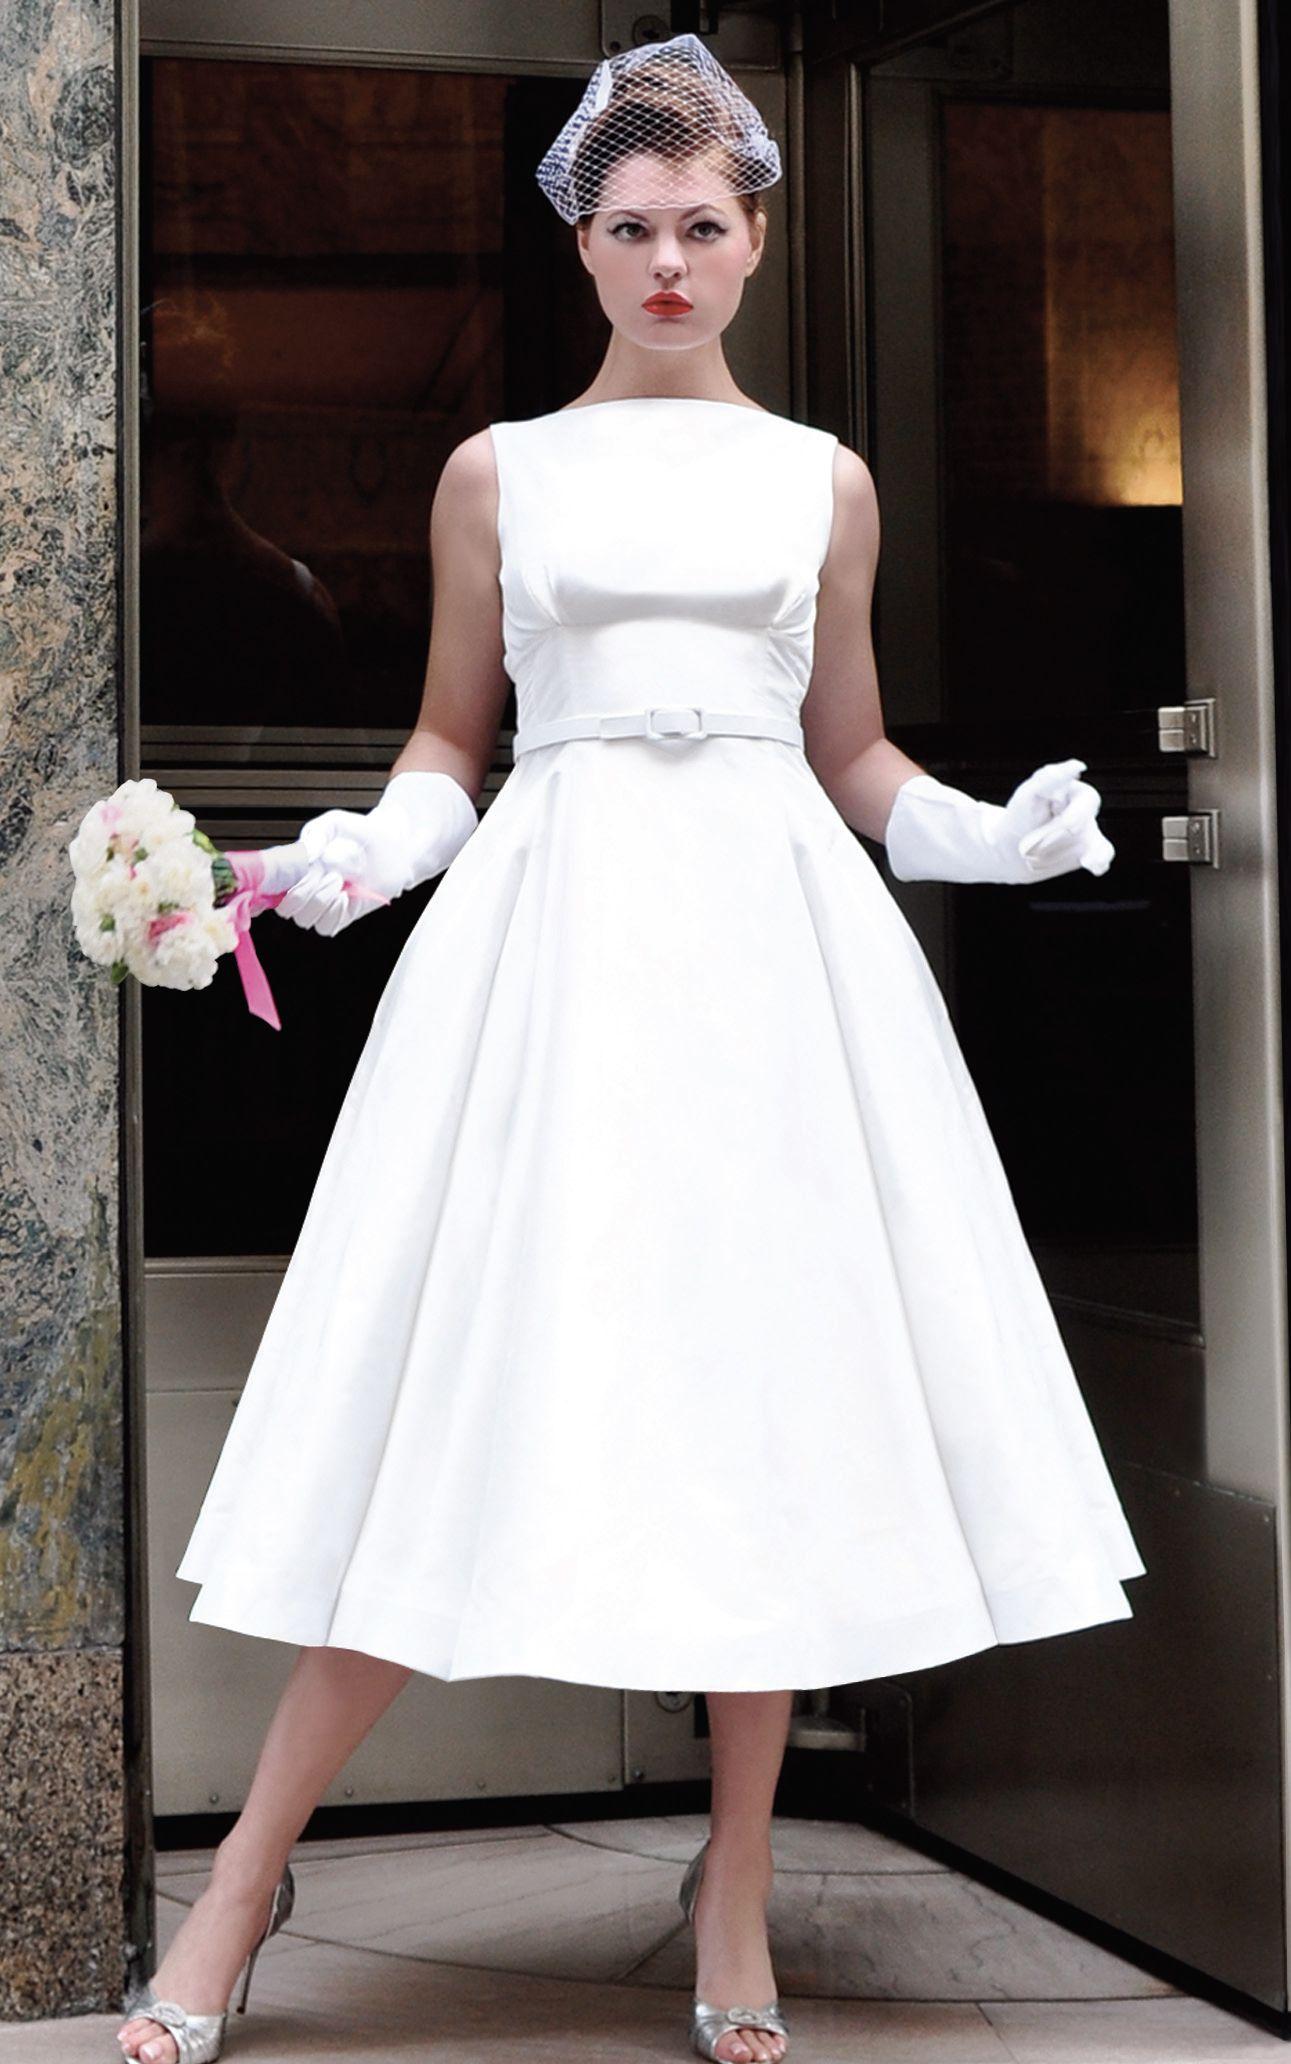 boat neck tea length dress | Wedding Dress Ideas | Pinterest | Tea ...